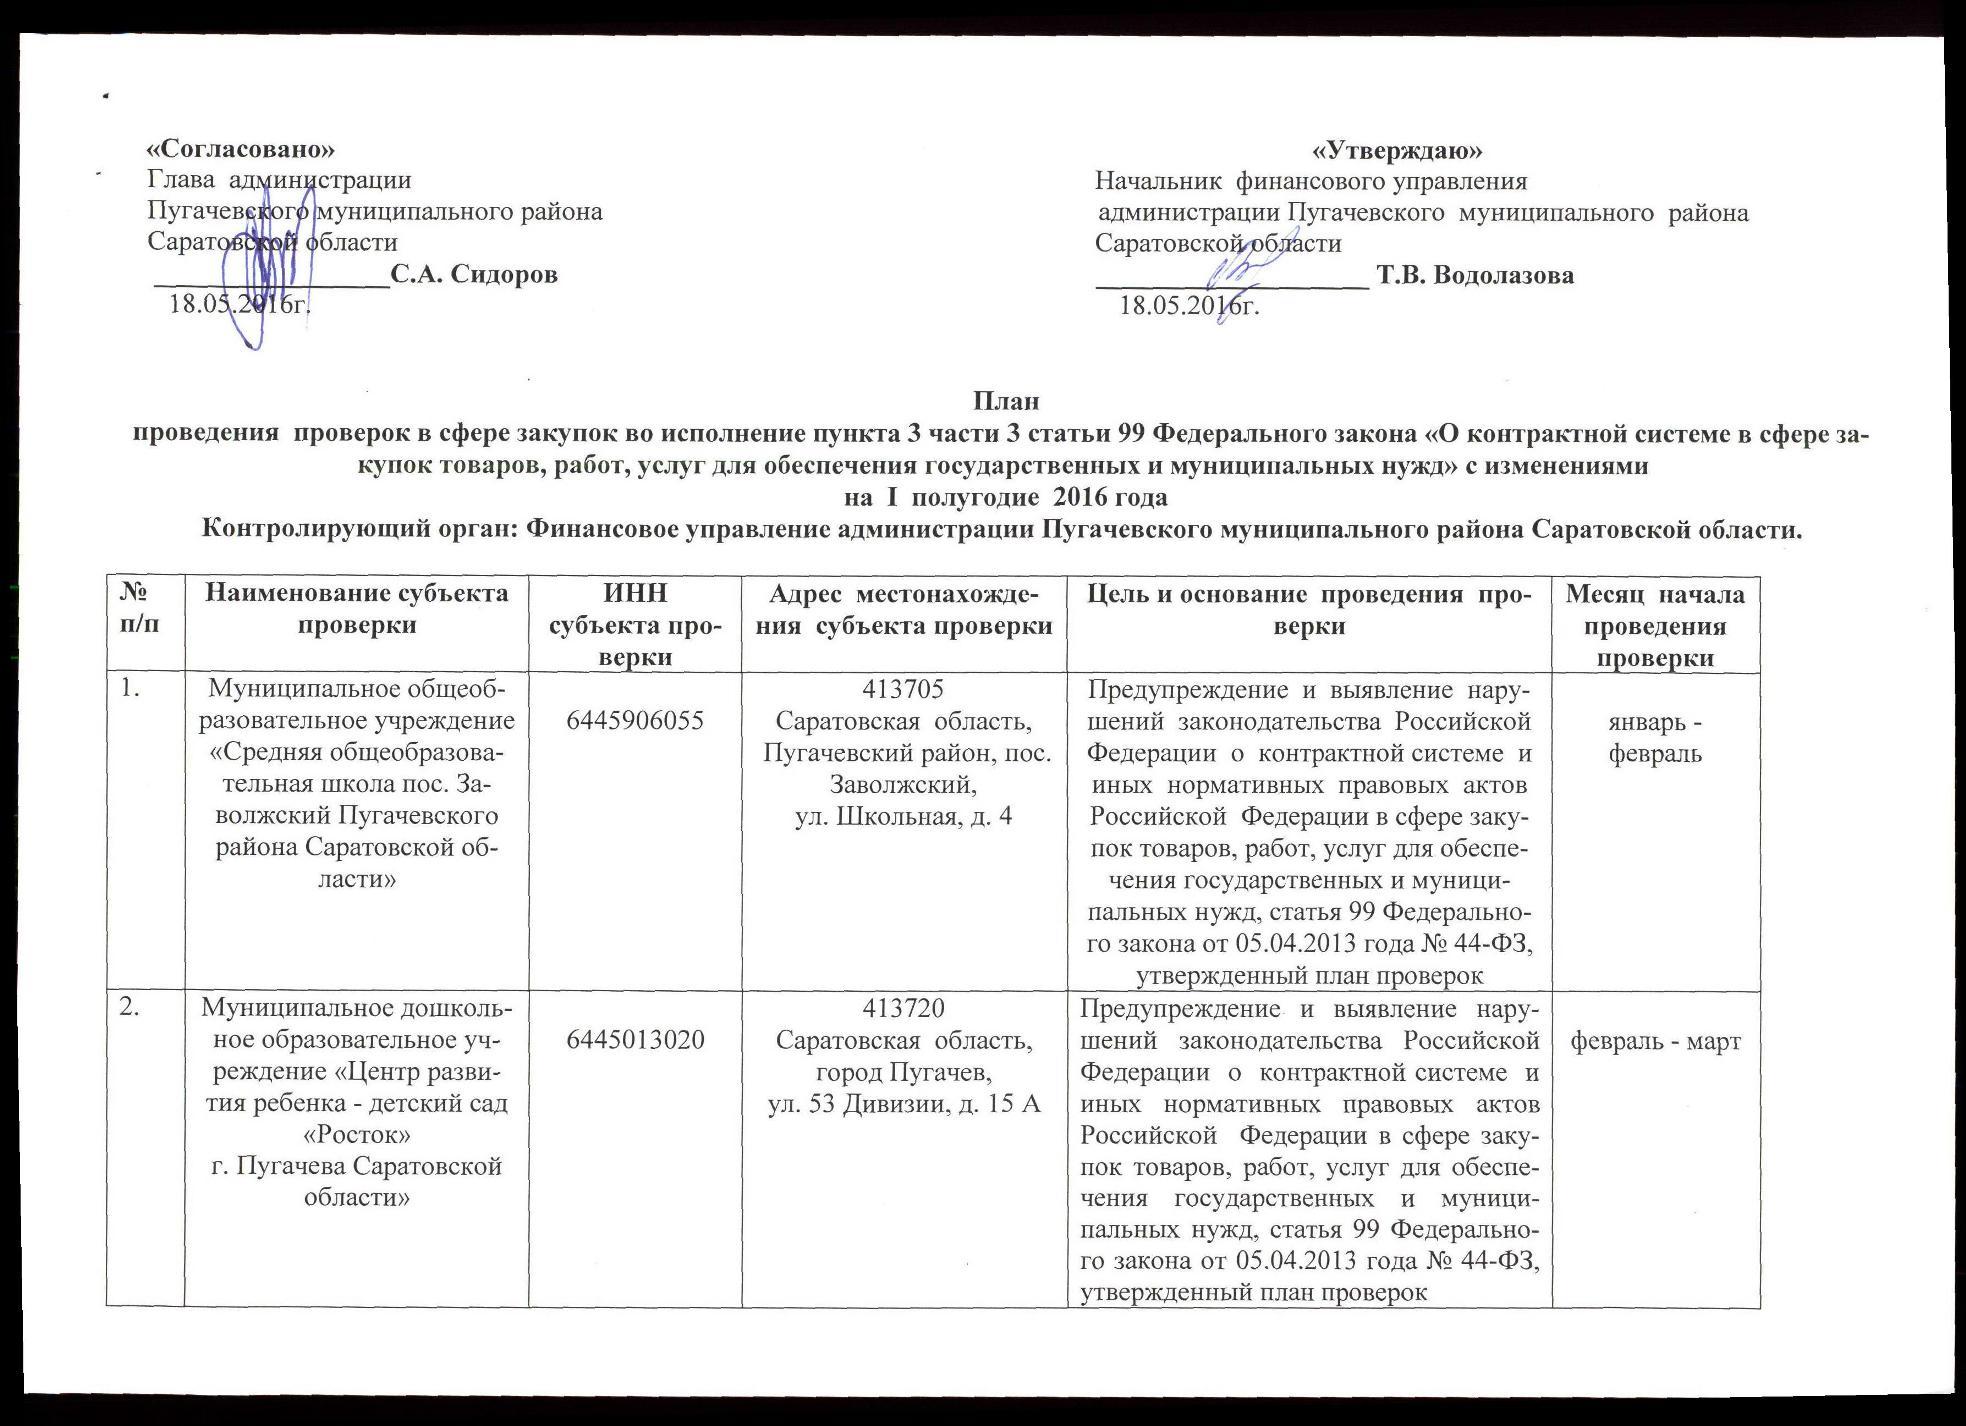 Все поликлиники свао г.москвы